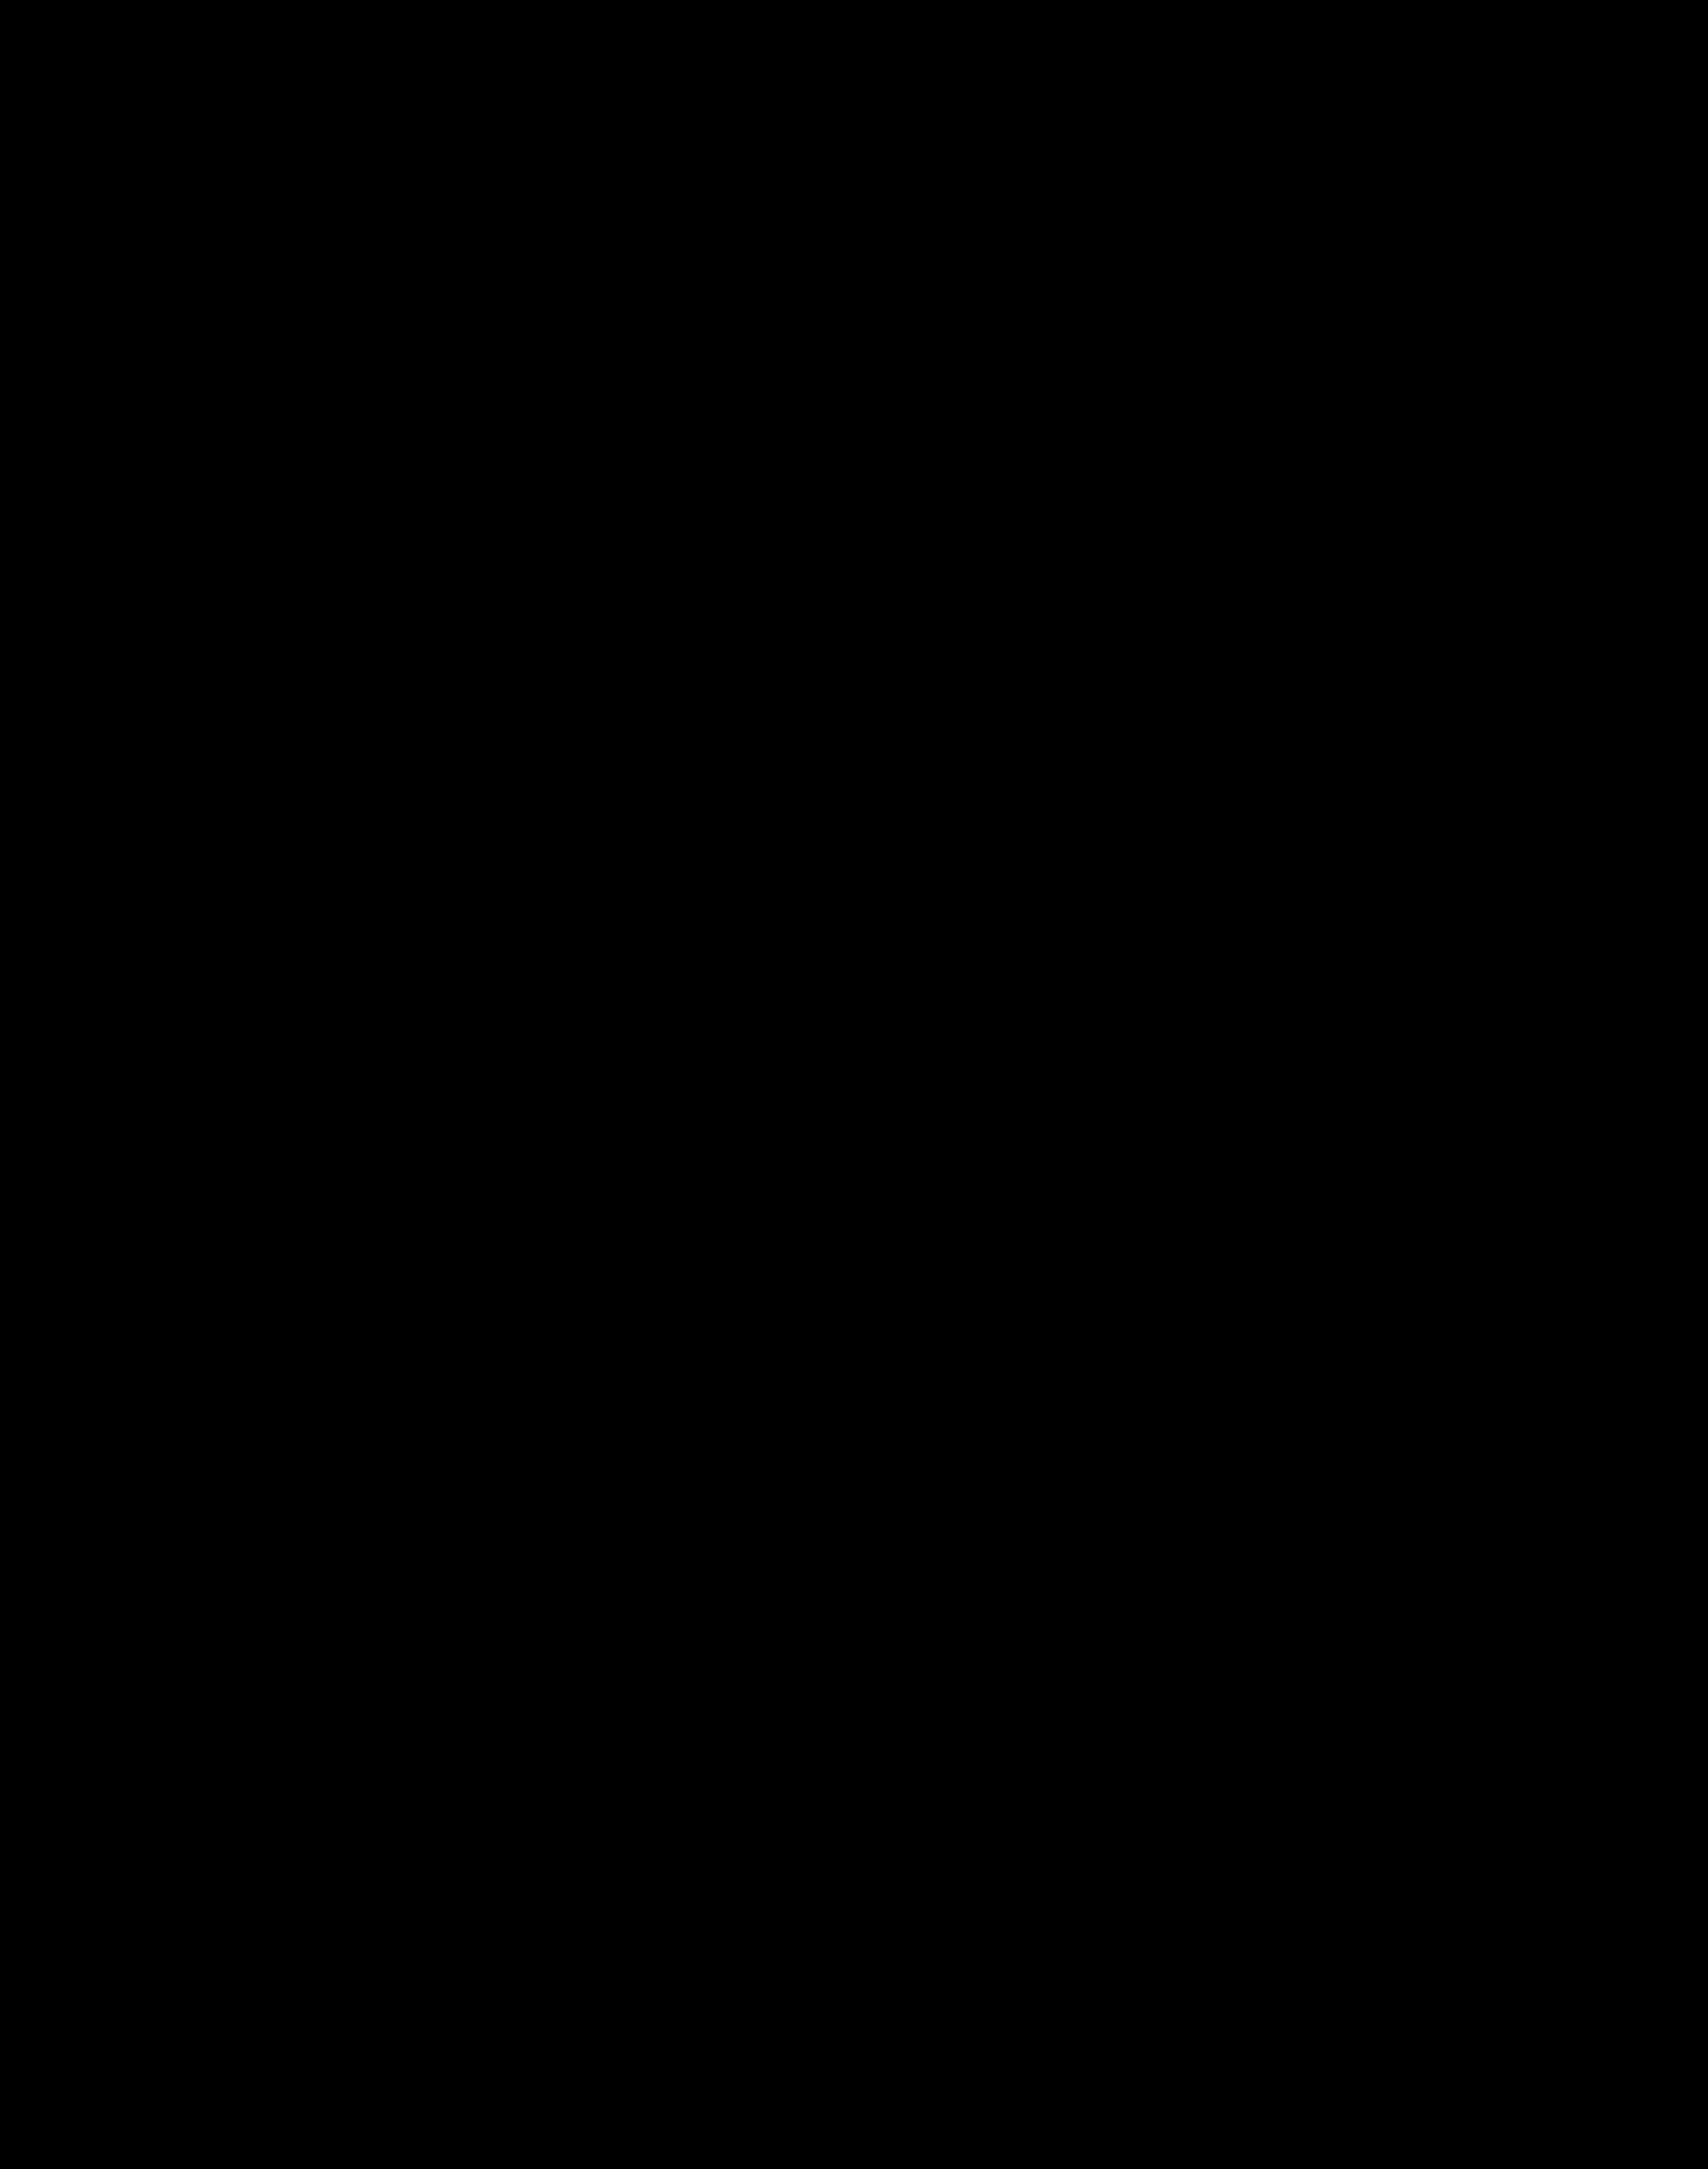 Clipart - Left Footprint